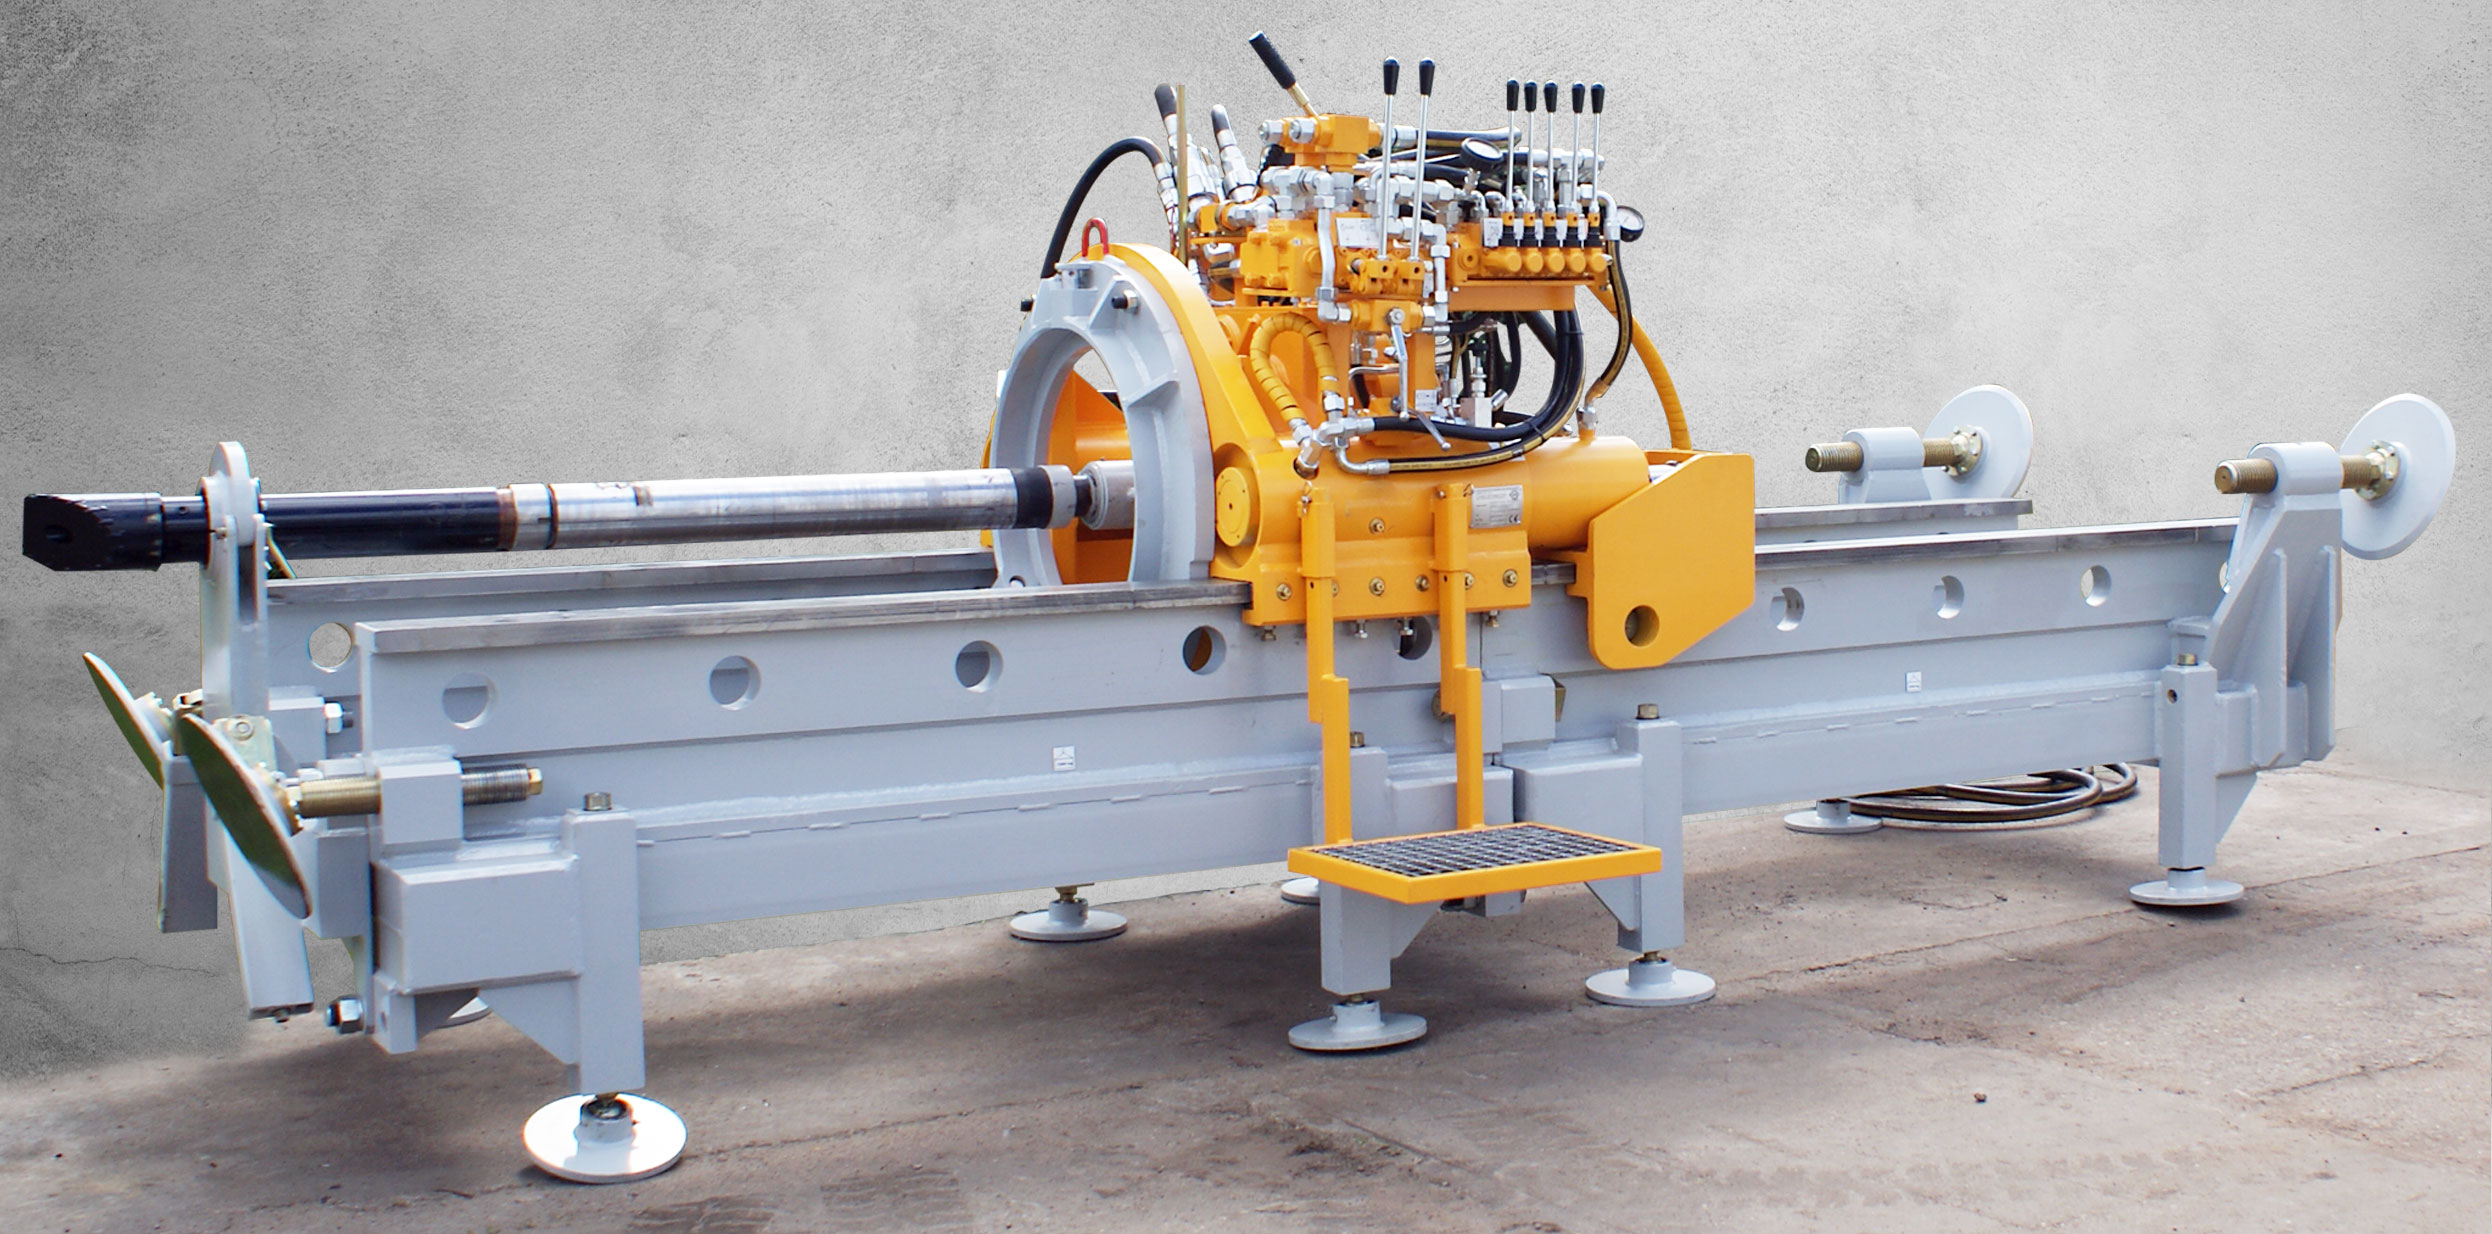 Wiertnica pozioma srerowana WPS-80 produkcji Bipromasz